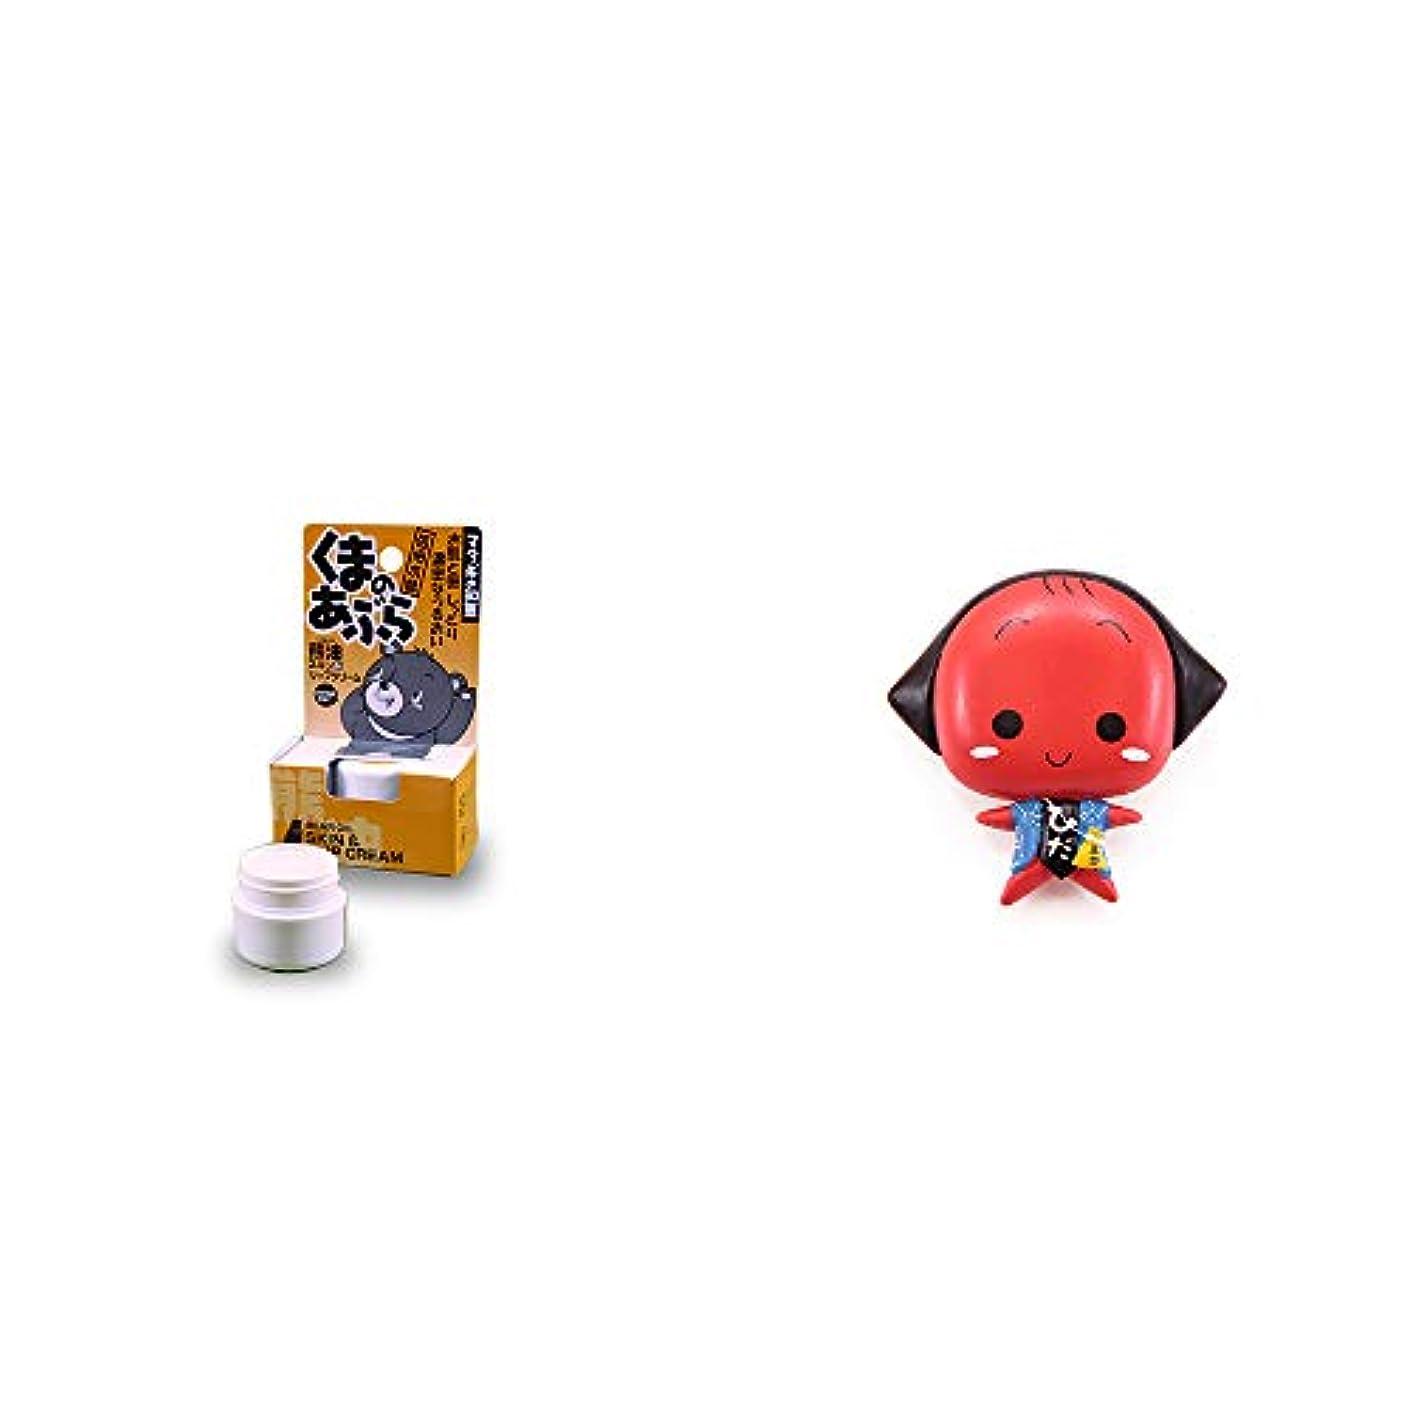 言い聞かせるスズメバチ質量[2点セット] 信州木曽 くまのあぶら 熊油スキン&リップクリーム(9g)?さるぼぼ アニメ顔 マグネット